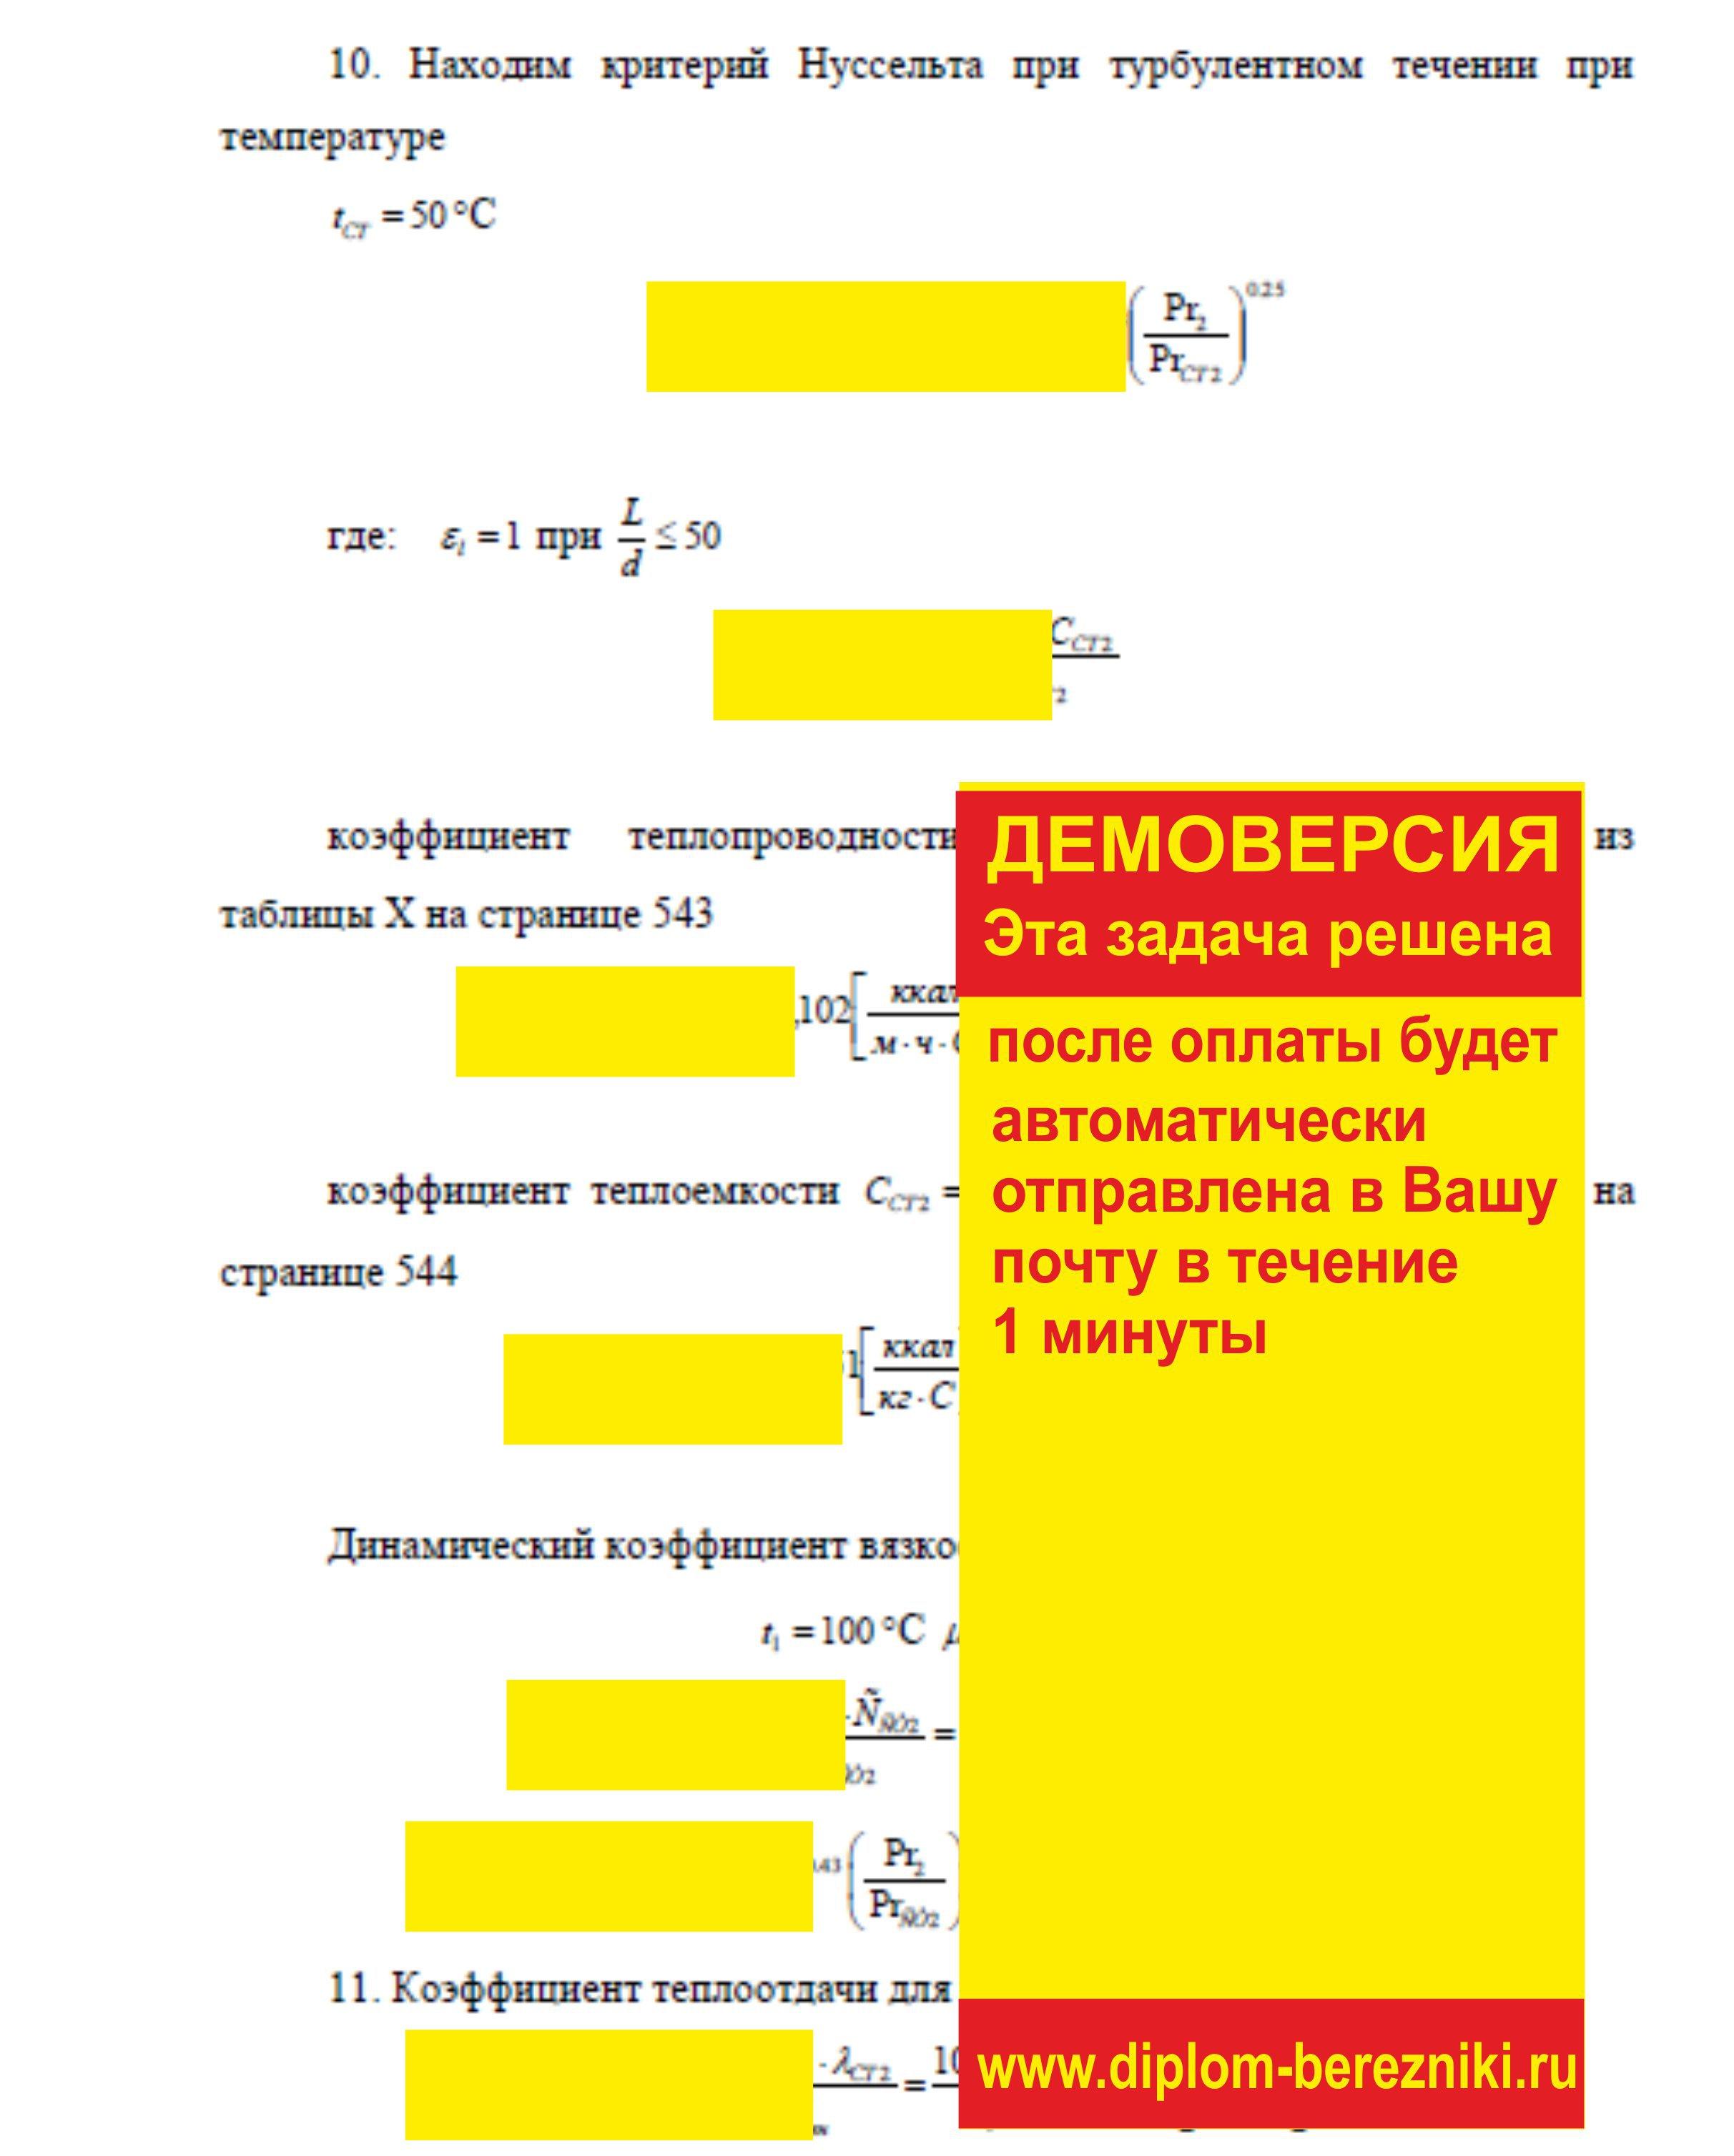 Решение задачи 4.34 по ПАХТ из задачника Павлова Романкова Носкова